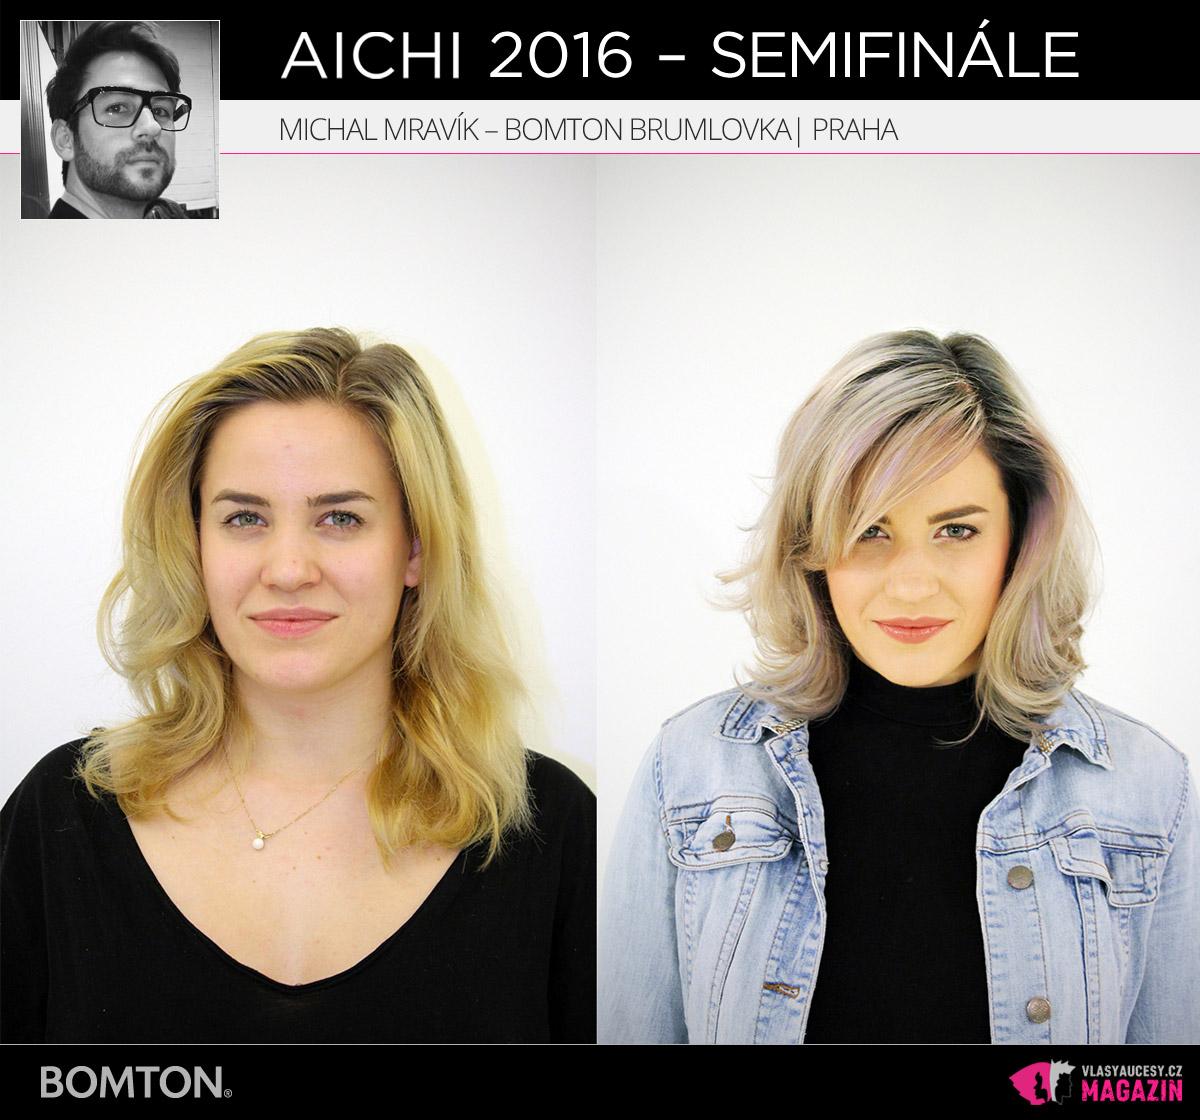 Michal Mravík – Bomton Brumlovka, Praha | Proměny AICHI 2016 - postupující do semifinálového kola